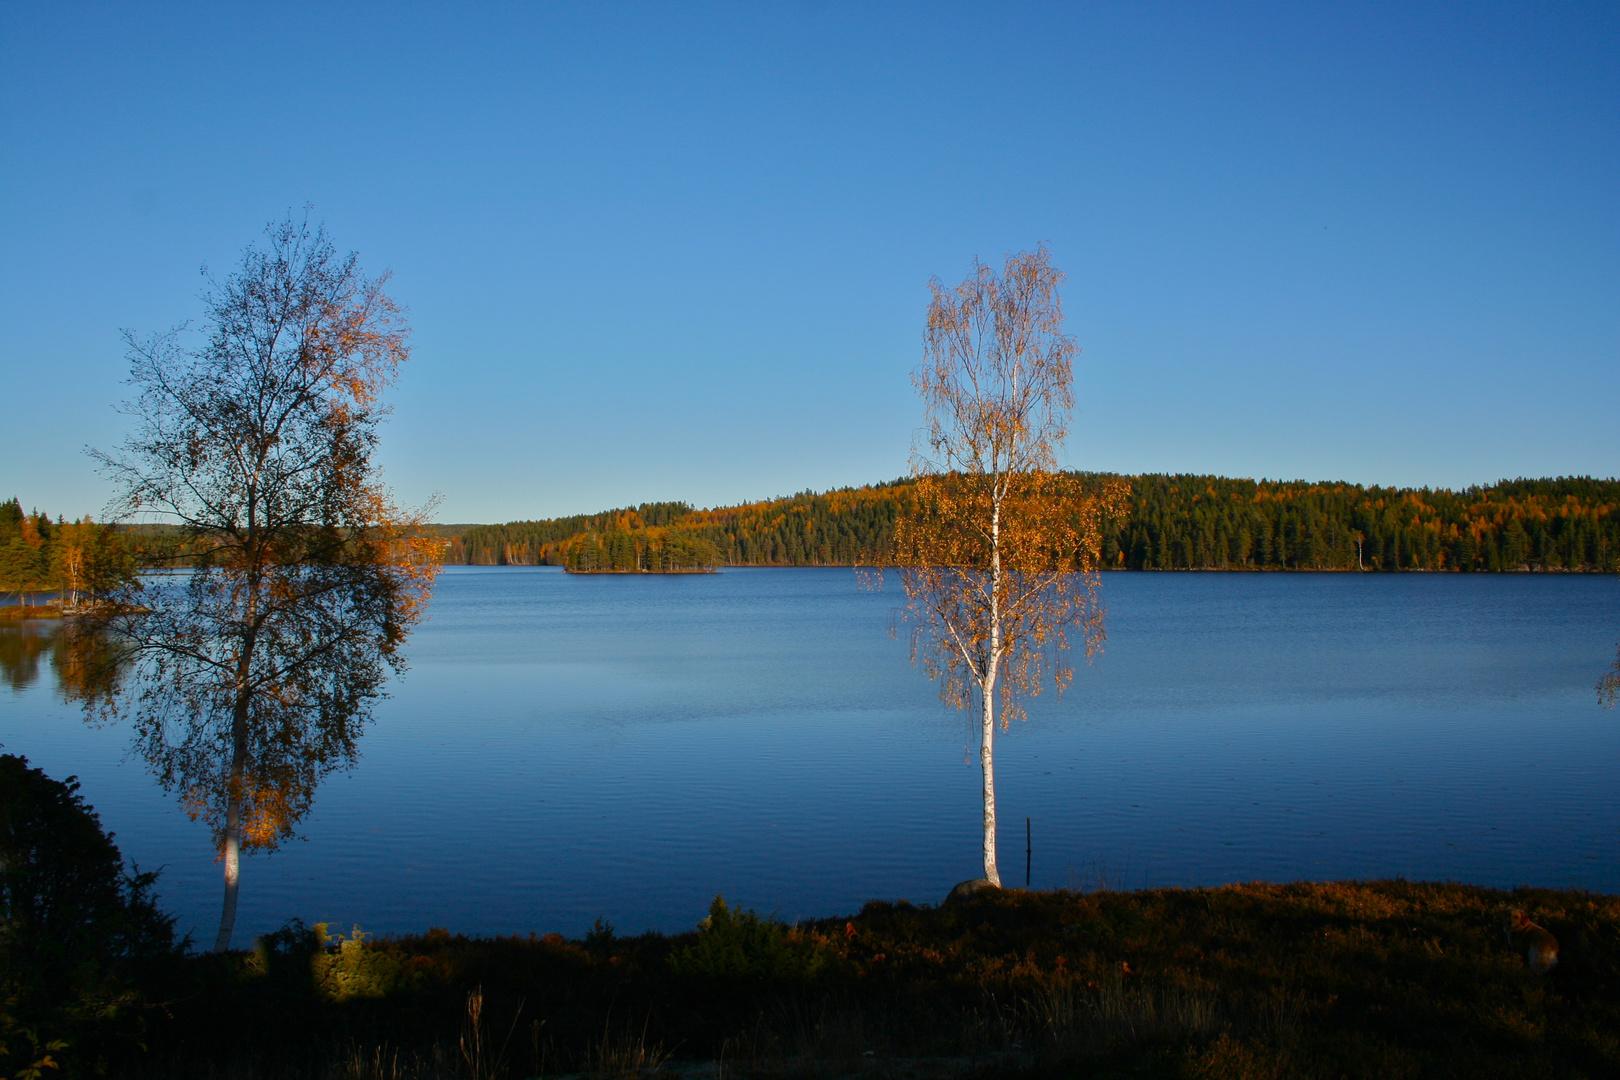 Herbsttag in Schweden II